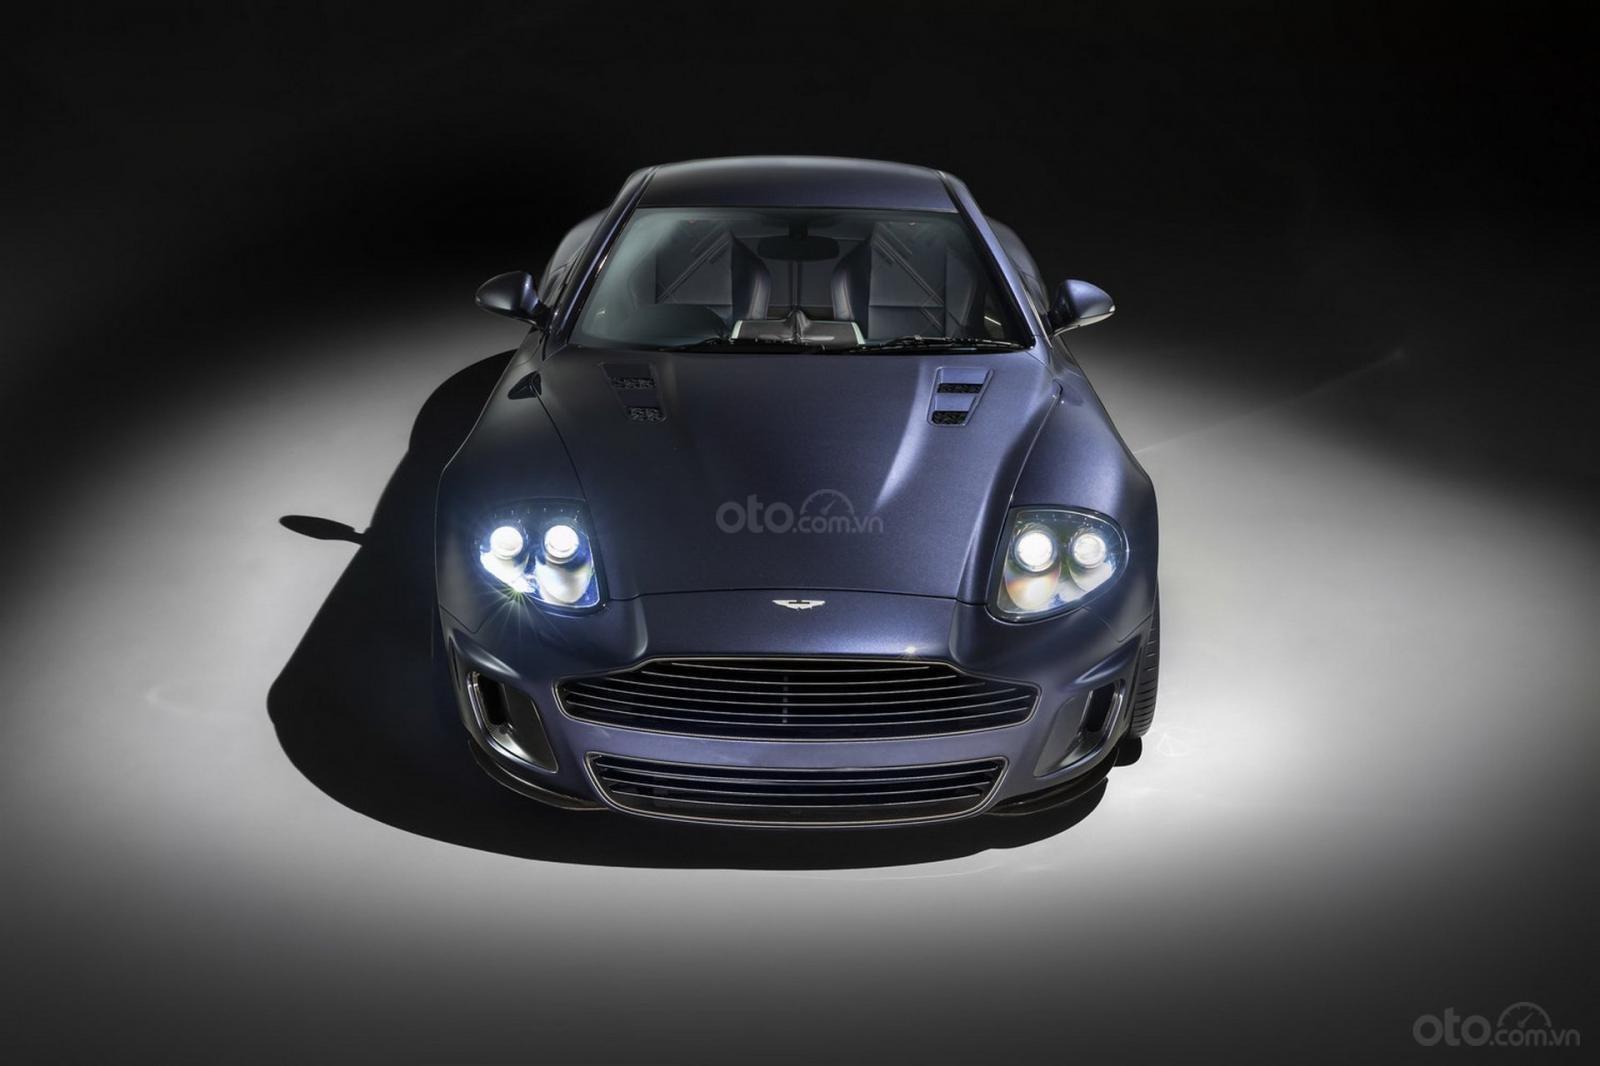 Thiết kế hoàn toàn mới của Aston Martin Vanquish 2019.